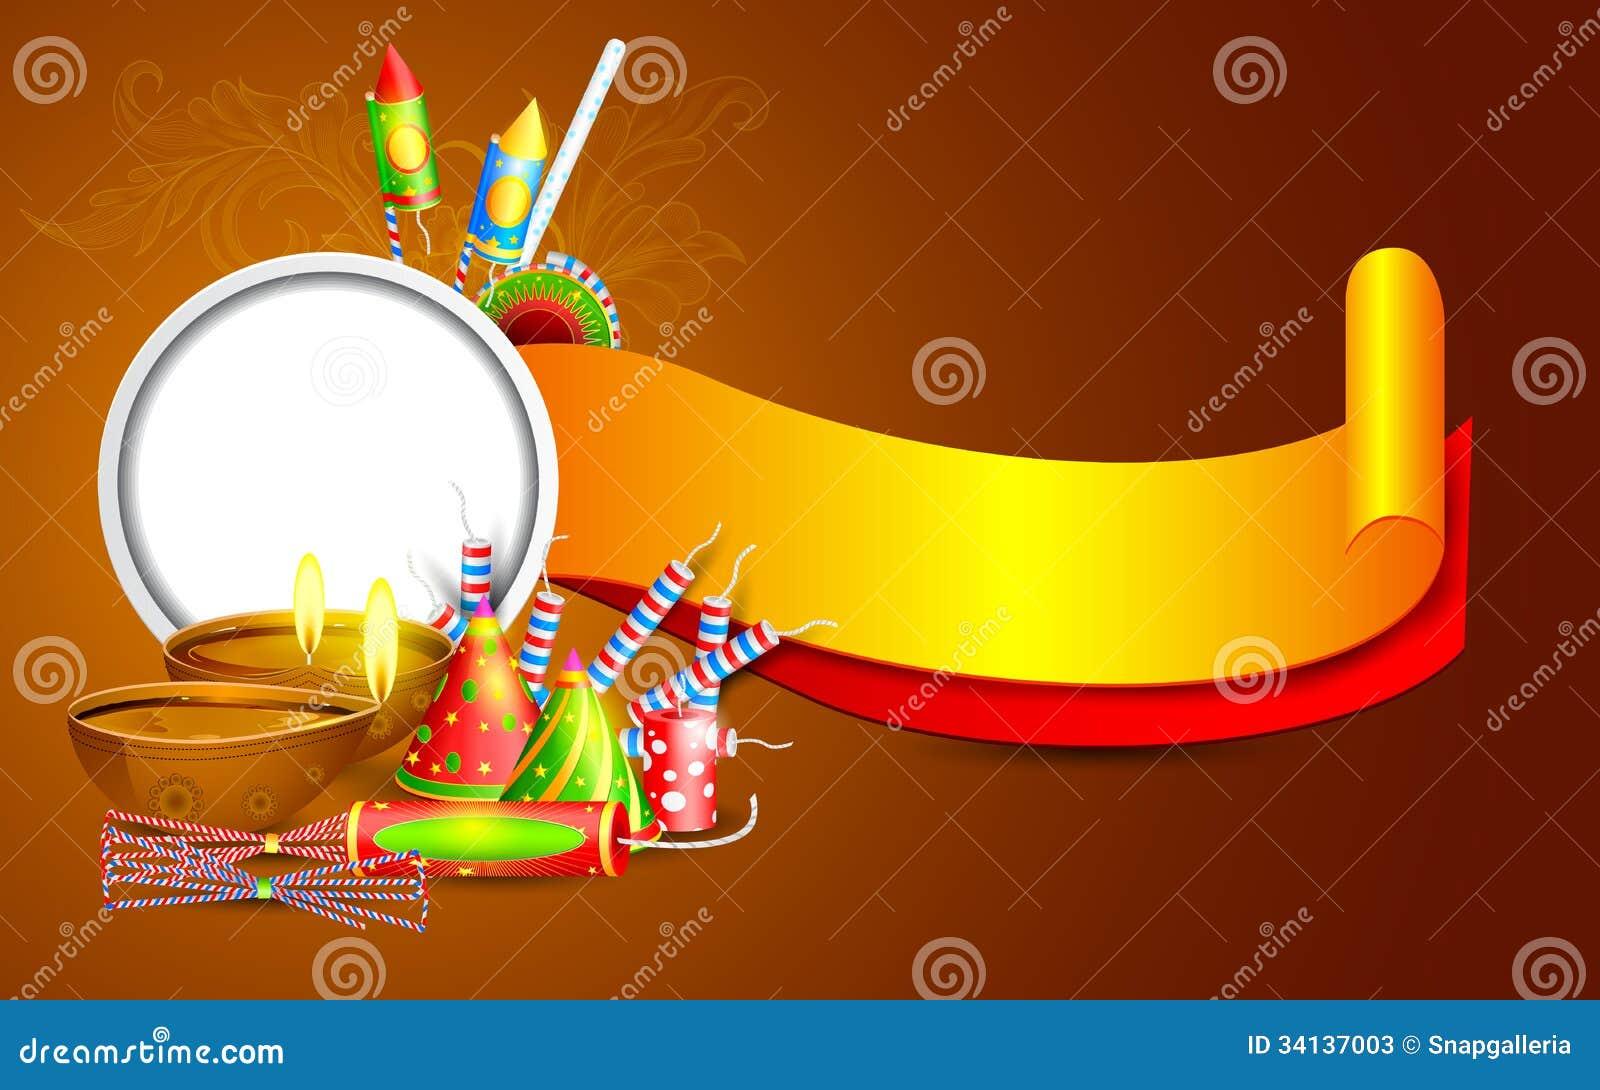 diwali banner background  Diwali Banner stock vector. Illustration of ceremony - 34137003